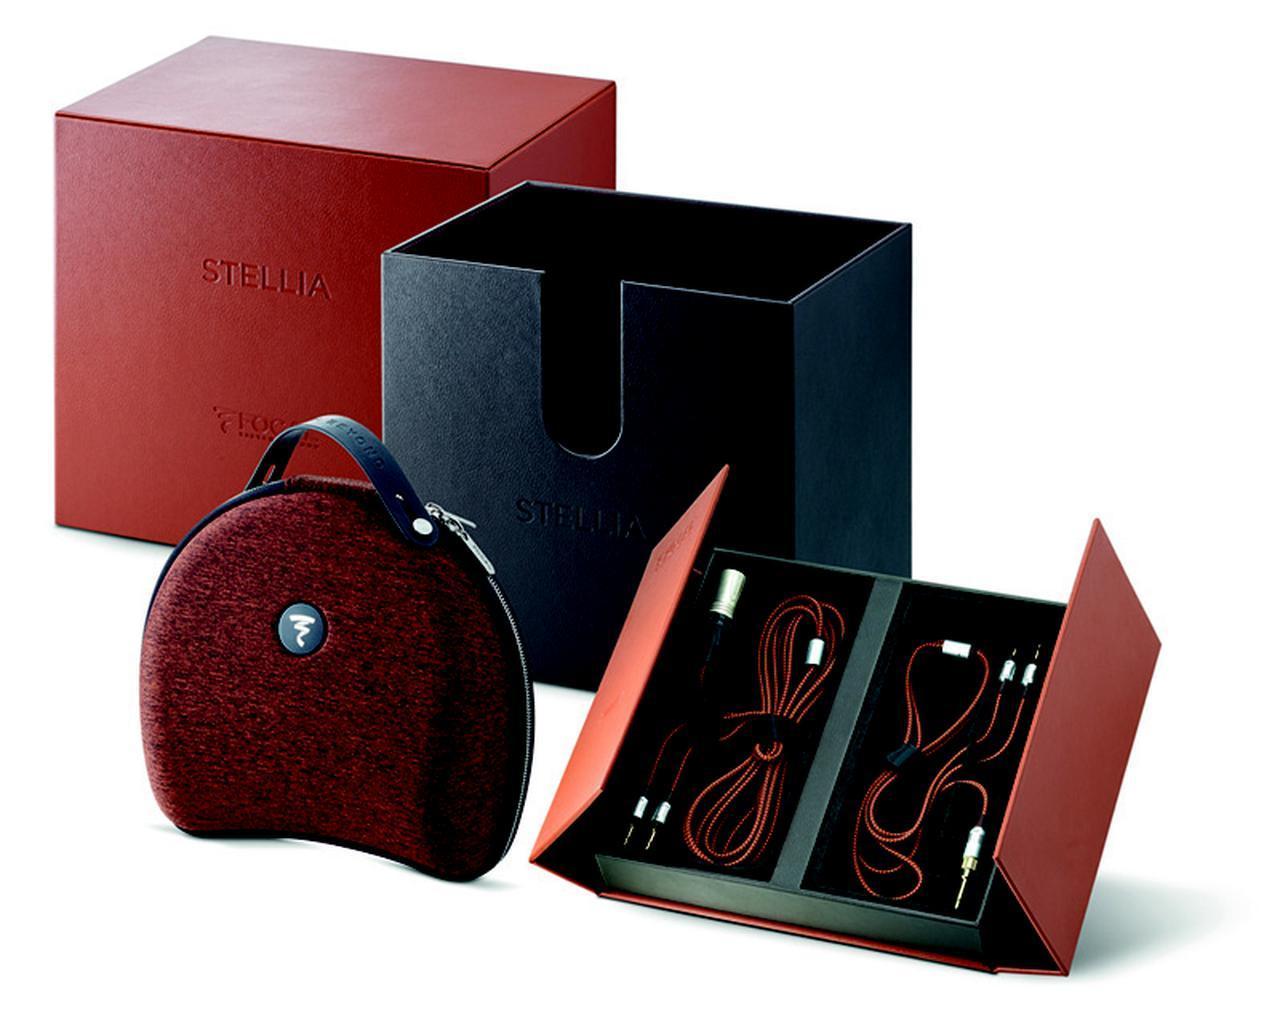 画像2: フランス、FOCALのハイエンドヘッドフォン第5弾「STELLIA(ステリア)」が、4月末日頃に発売される。密閉型で、価格は¥330,000を予定